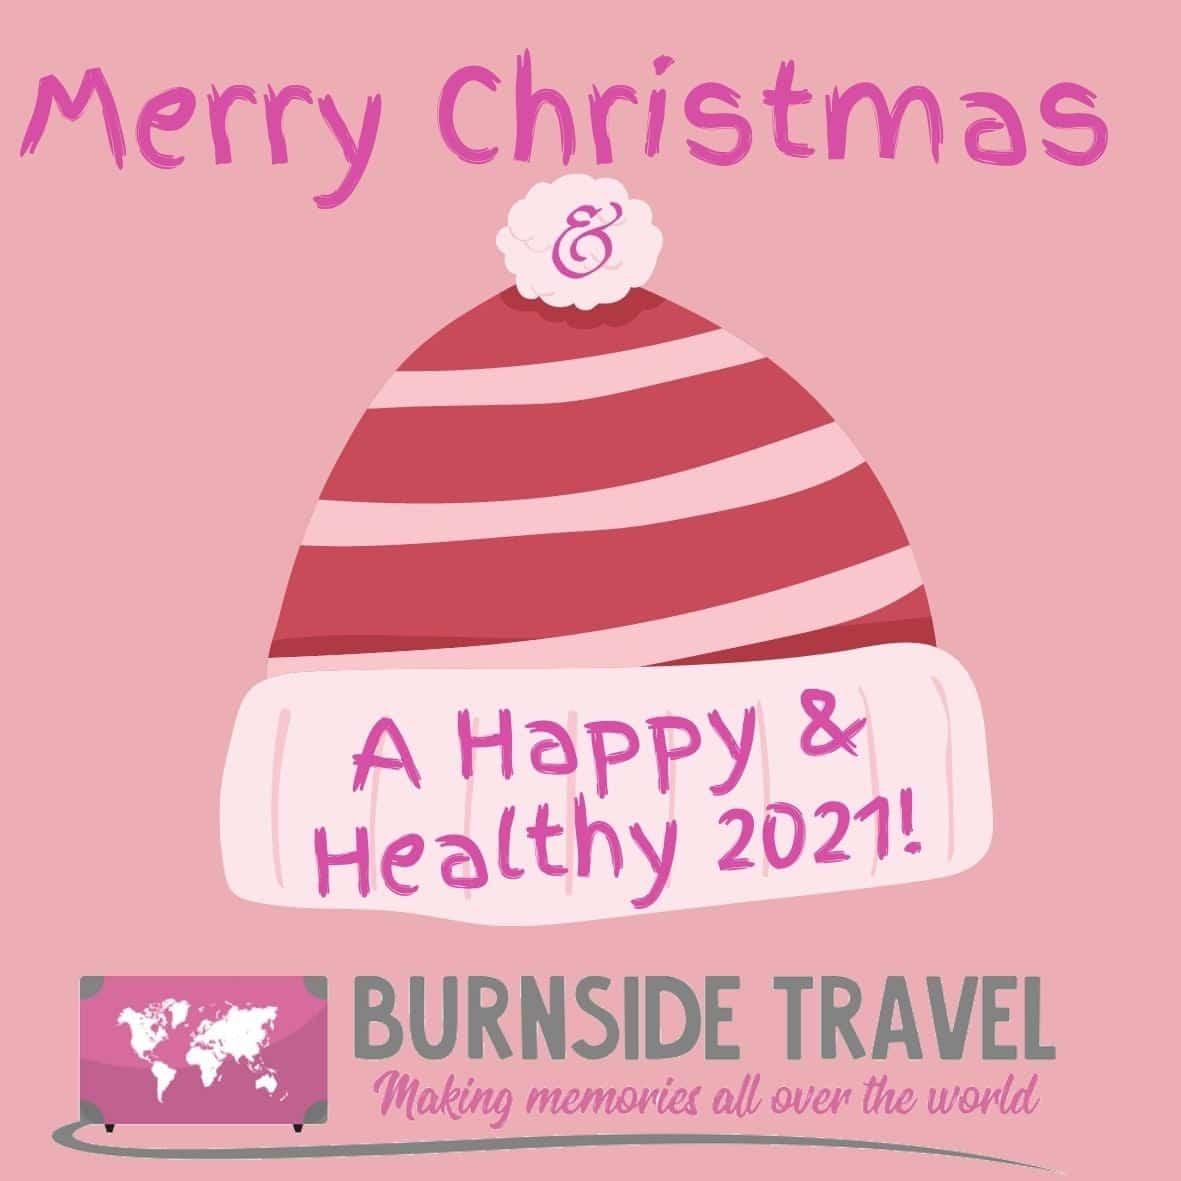 Burnside Travel